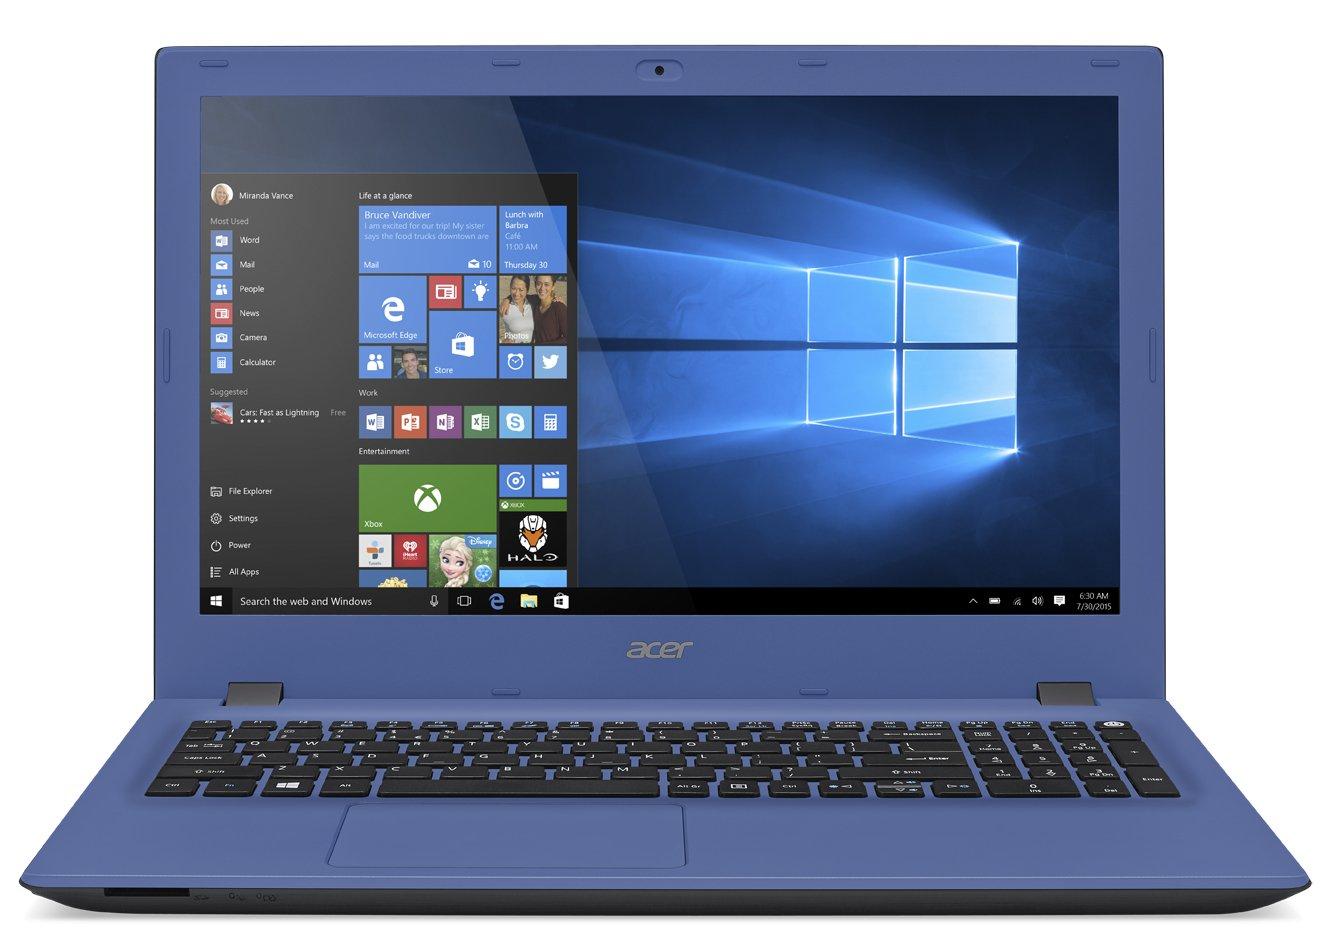 Acer Aspire E5-432G Intel USB 3.0 Driver